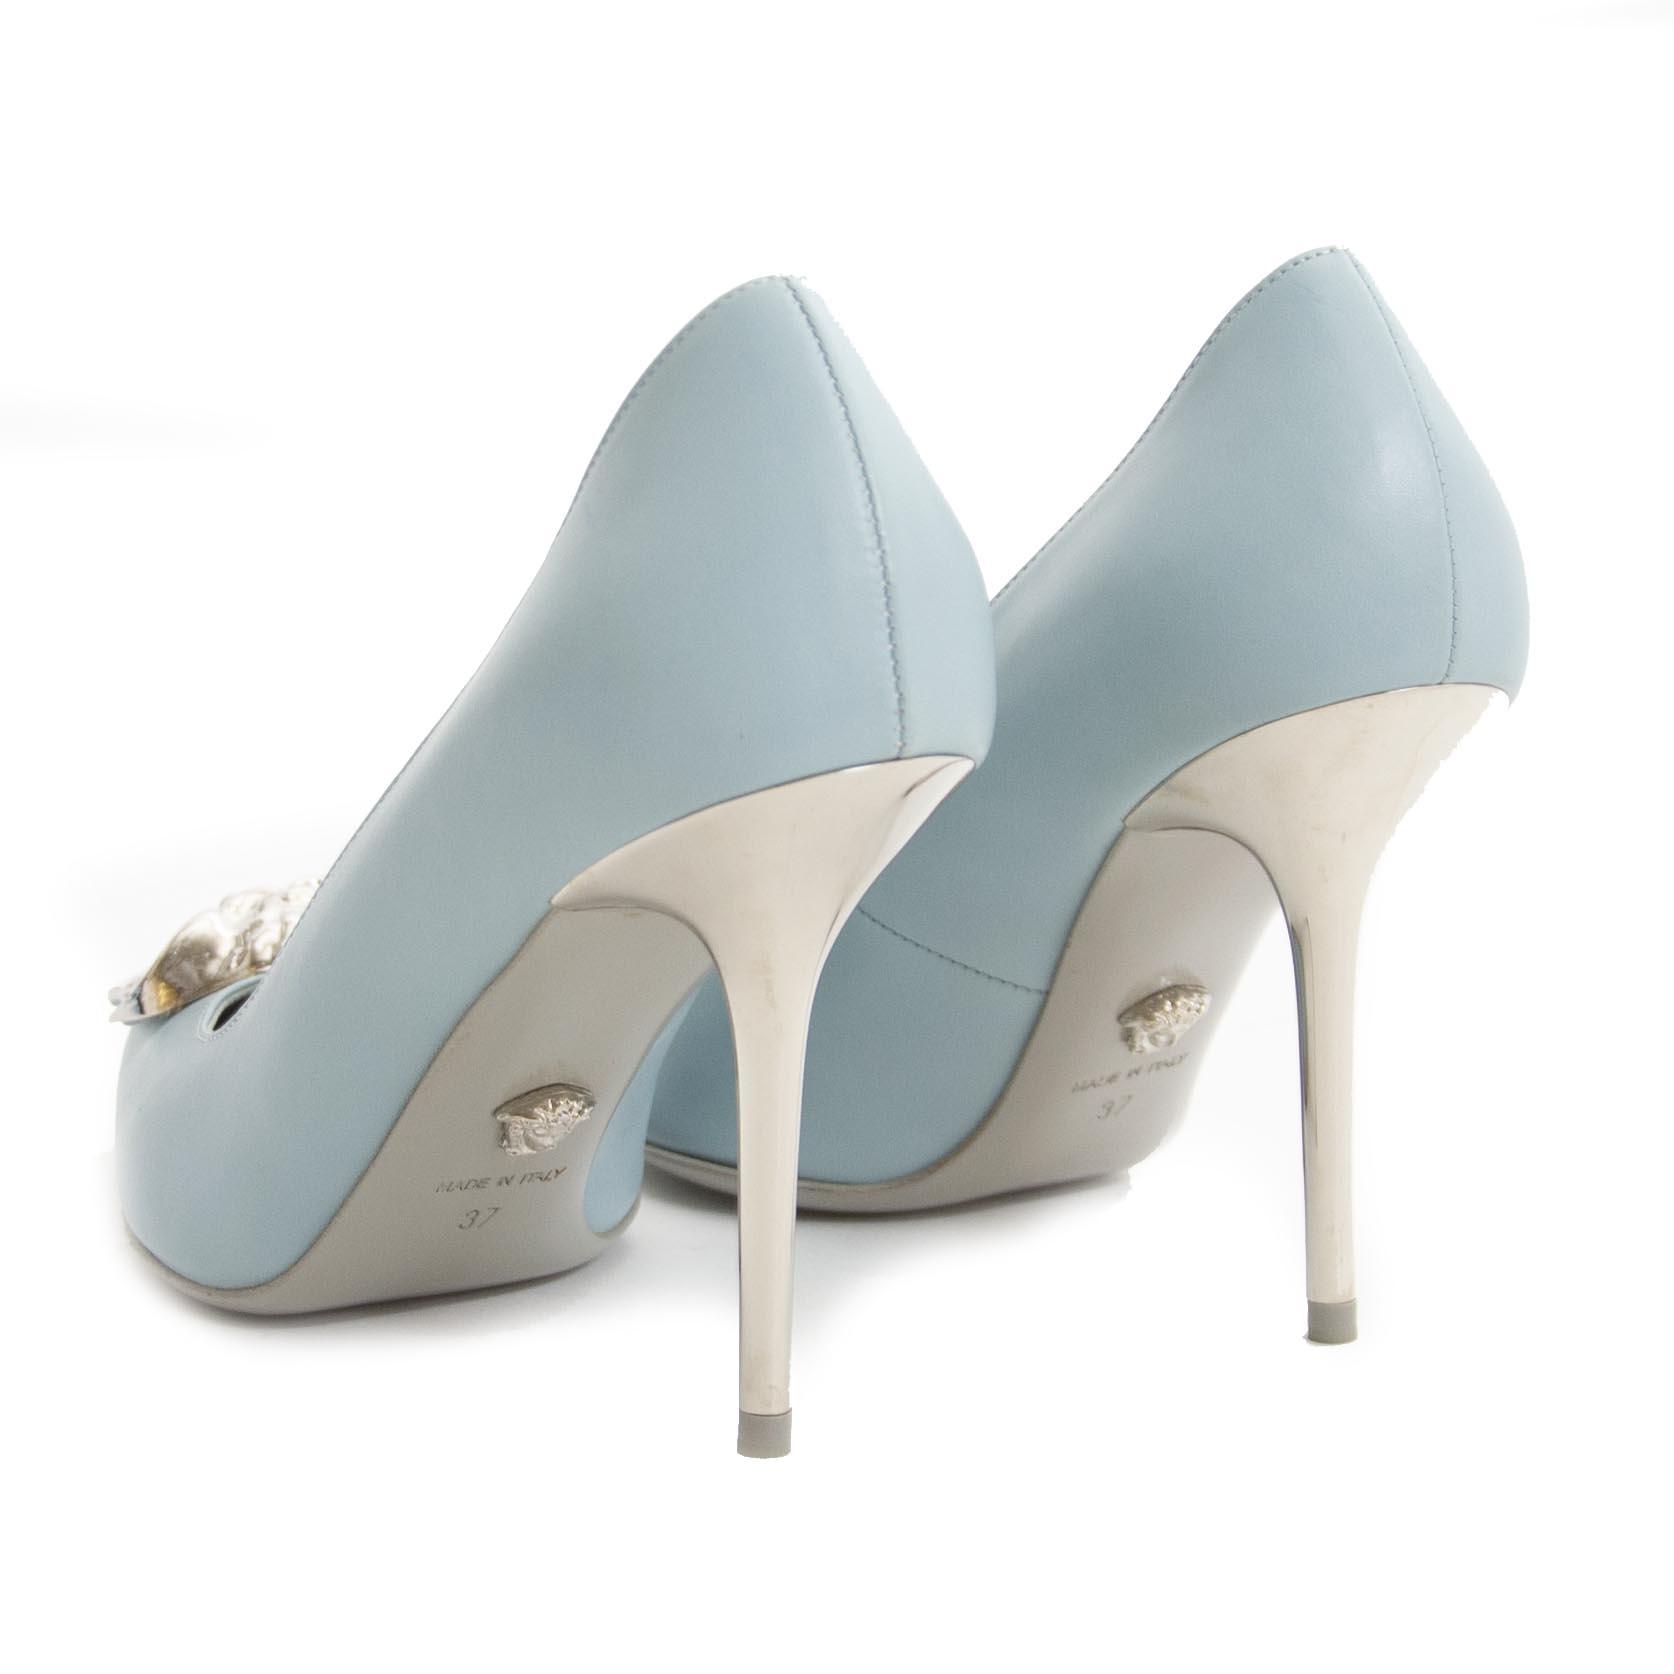 Koop tweedehands Versace Palazzo Medusa pumps bij Labellov. Veilig online winkelen